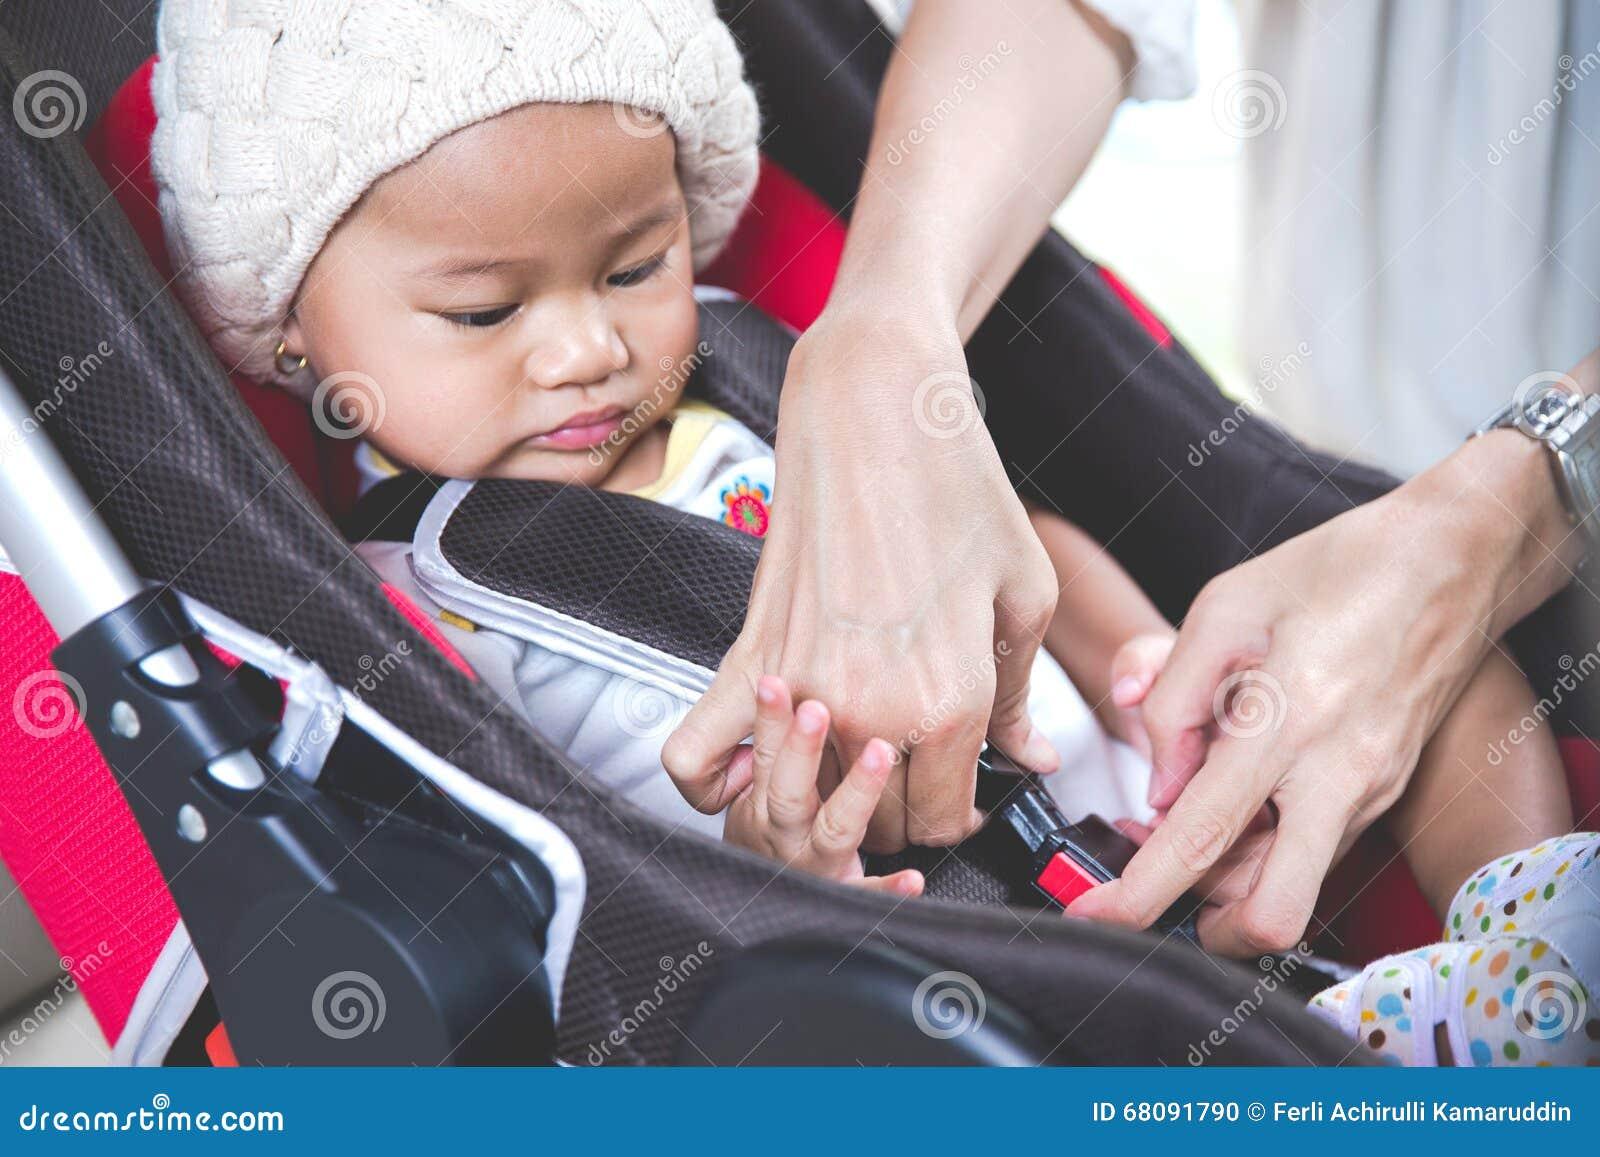 Μητέρα που εξασφαλίζει το μωρό της στο κάθισμα αυτοκινήτων στο αυτοκίνητό της